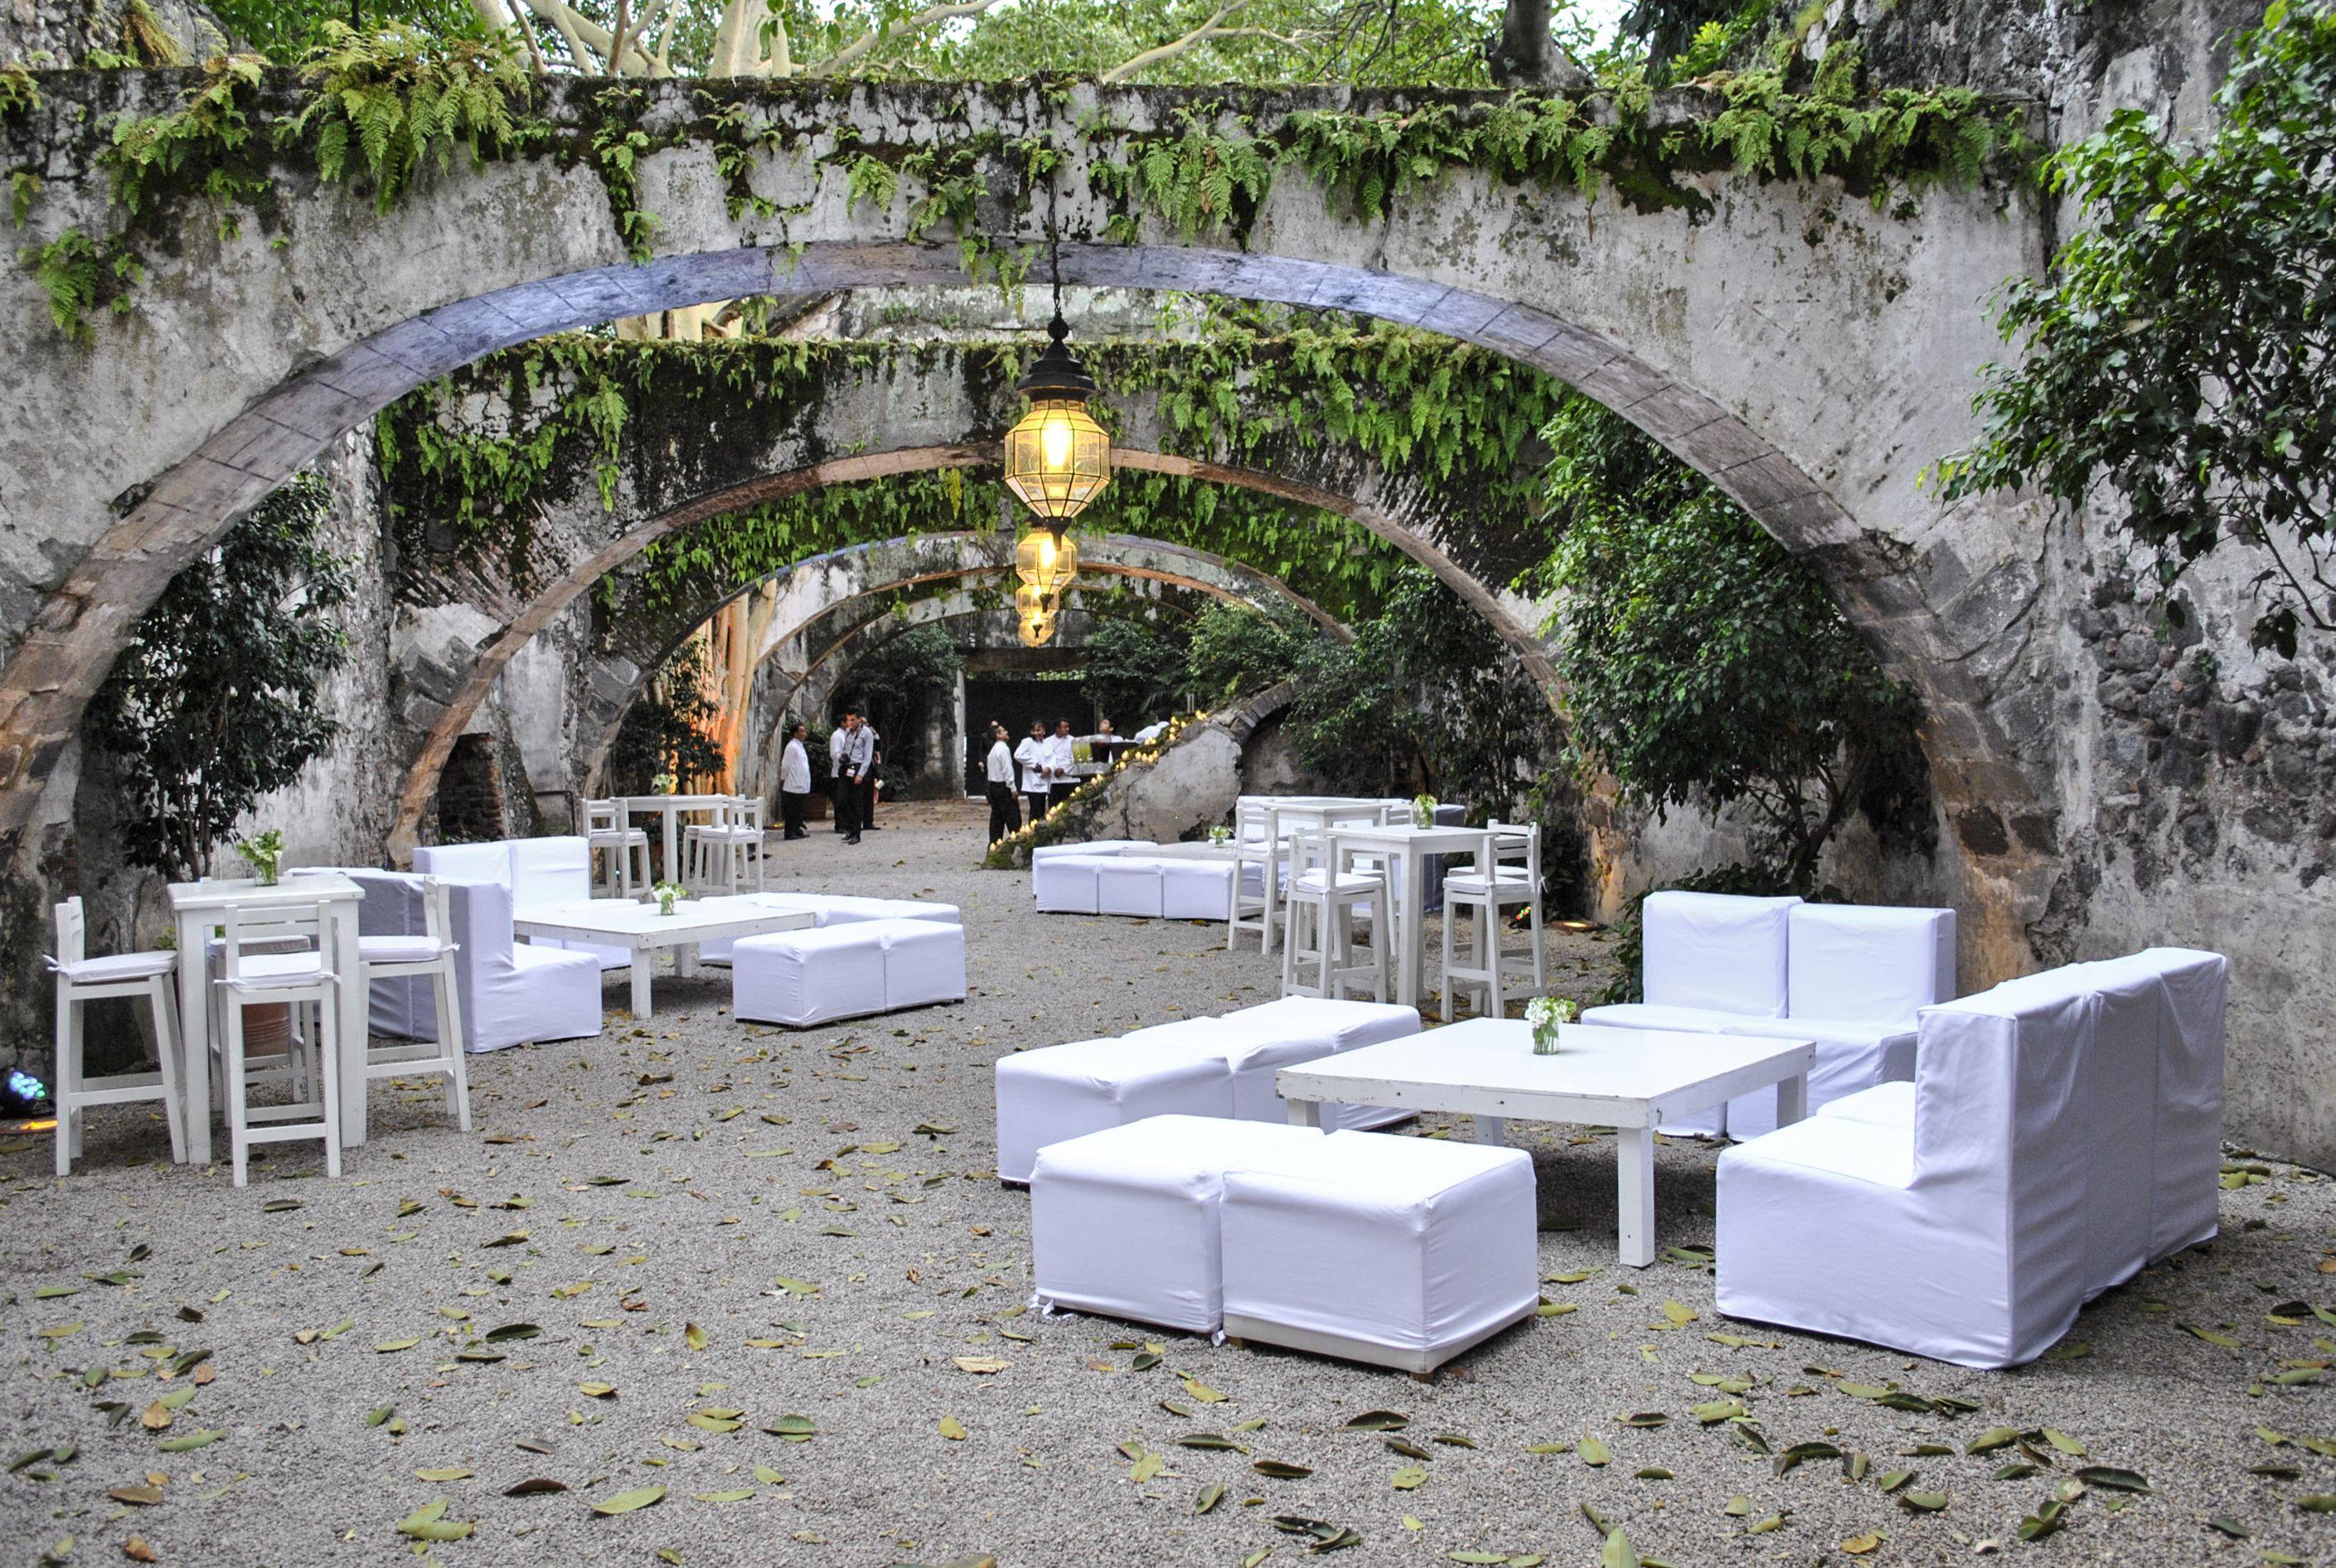 Estilo lounge, bar, area libre, montaje en color blanco, las mejores bodas en cuernavaca, en morelos, bodas, novios, novia en morelos, novios en morelos, mobiliario para bodas